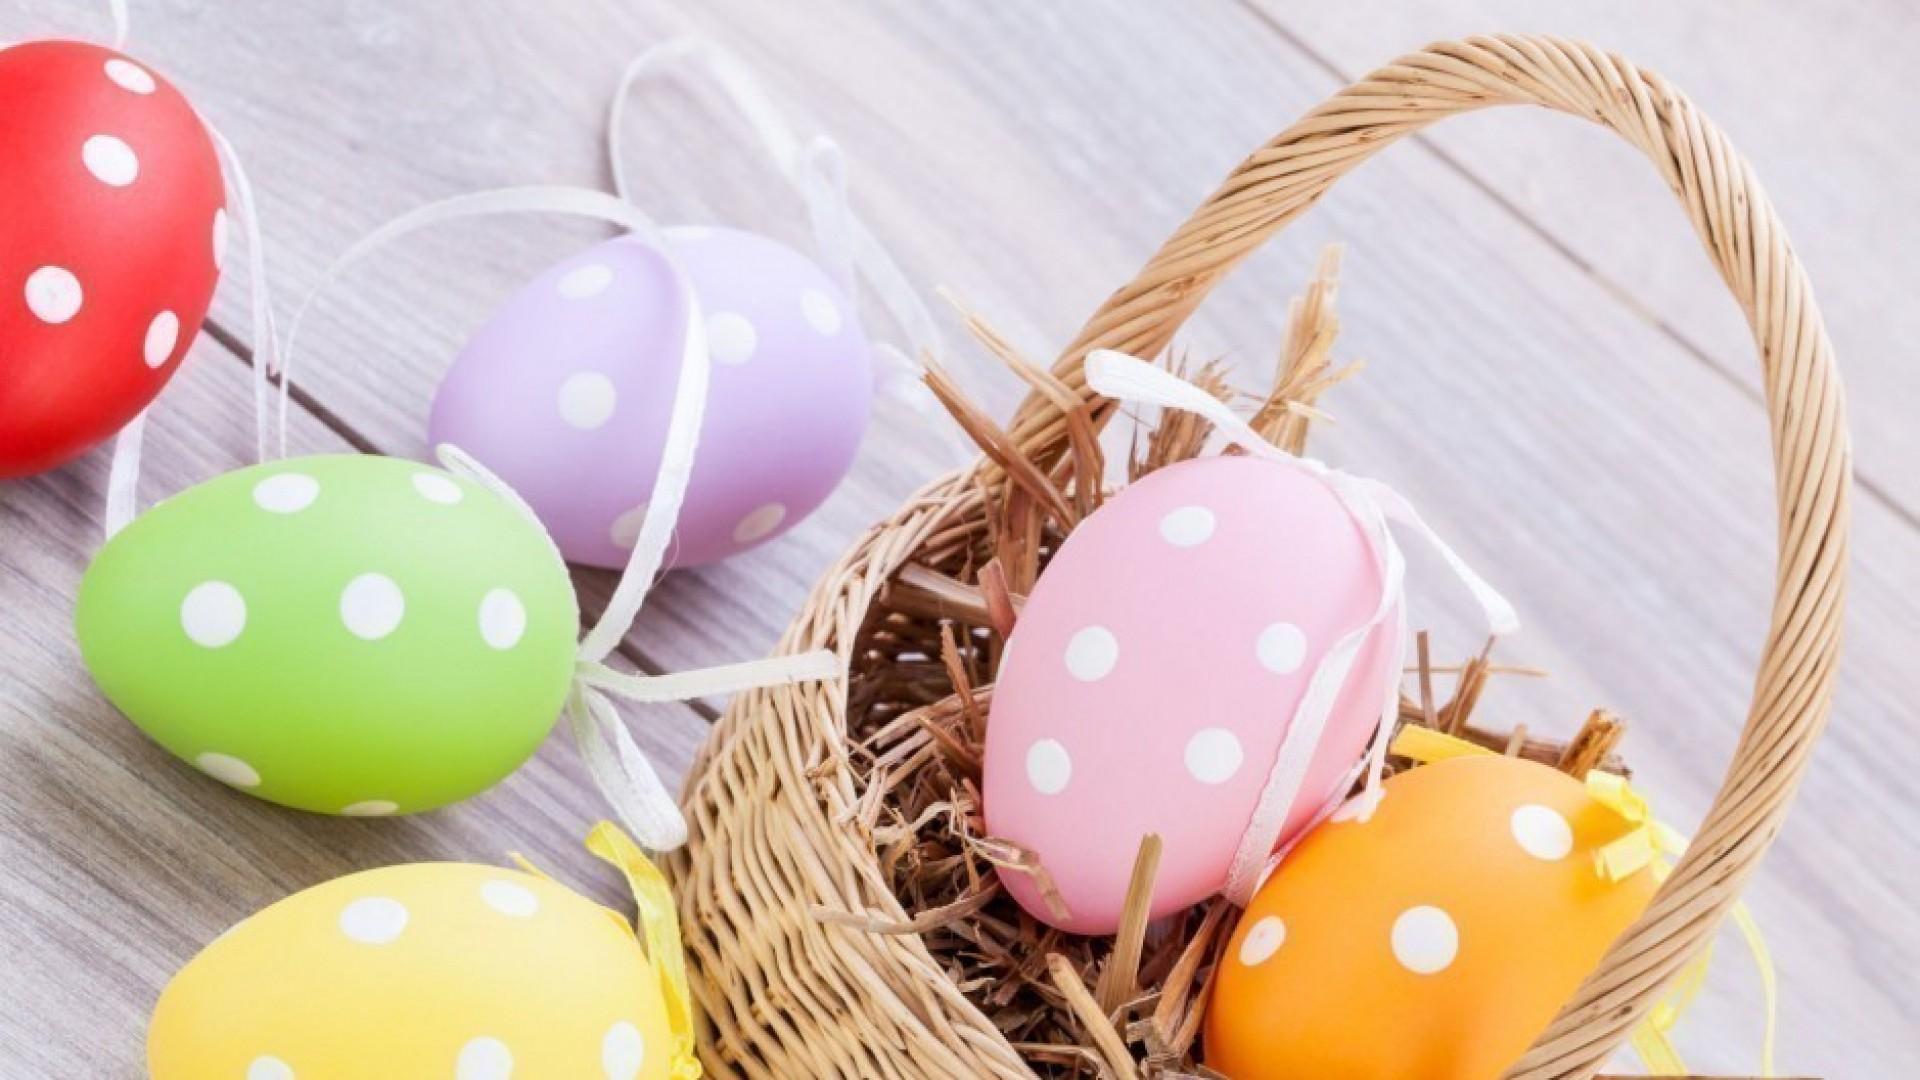 Пасха: 3 способа украсить яйца